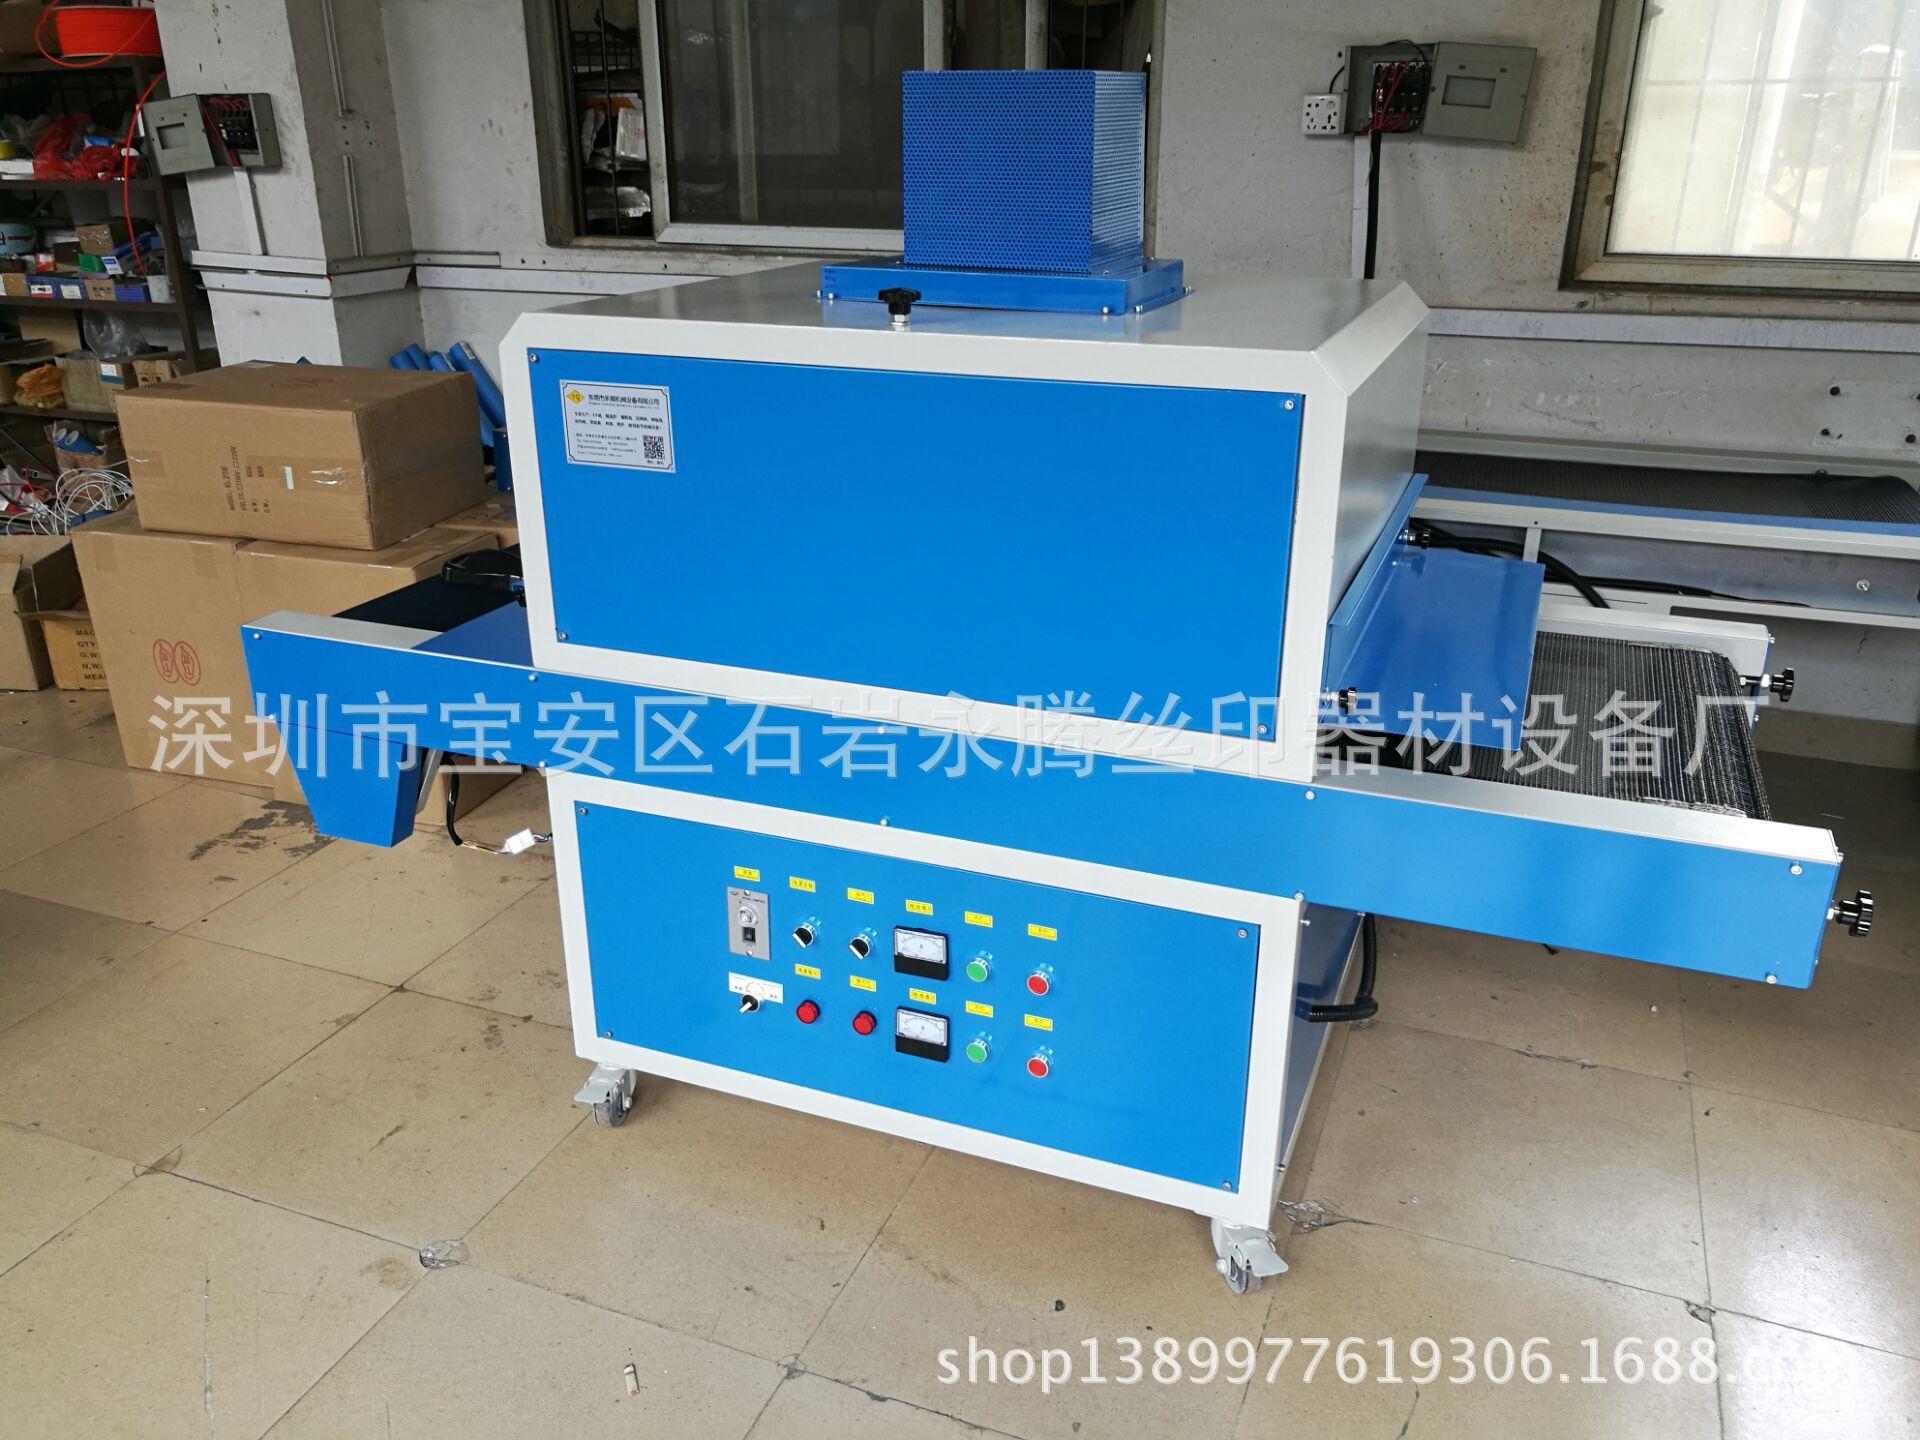 生产设备_:uv油漆固化设备、uv光油机、uv油墨、紫外光固化